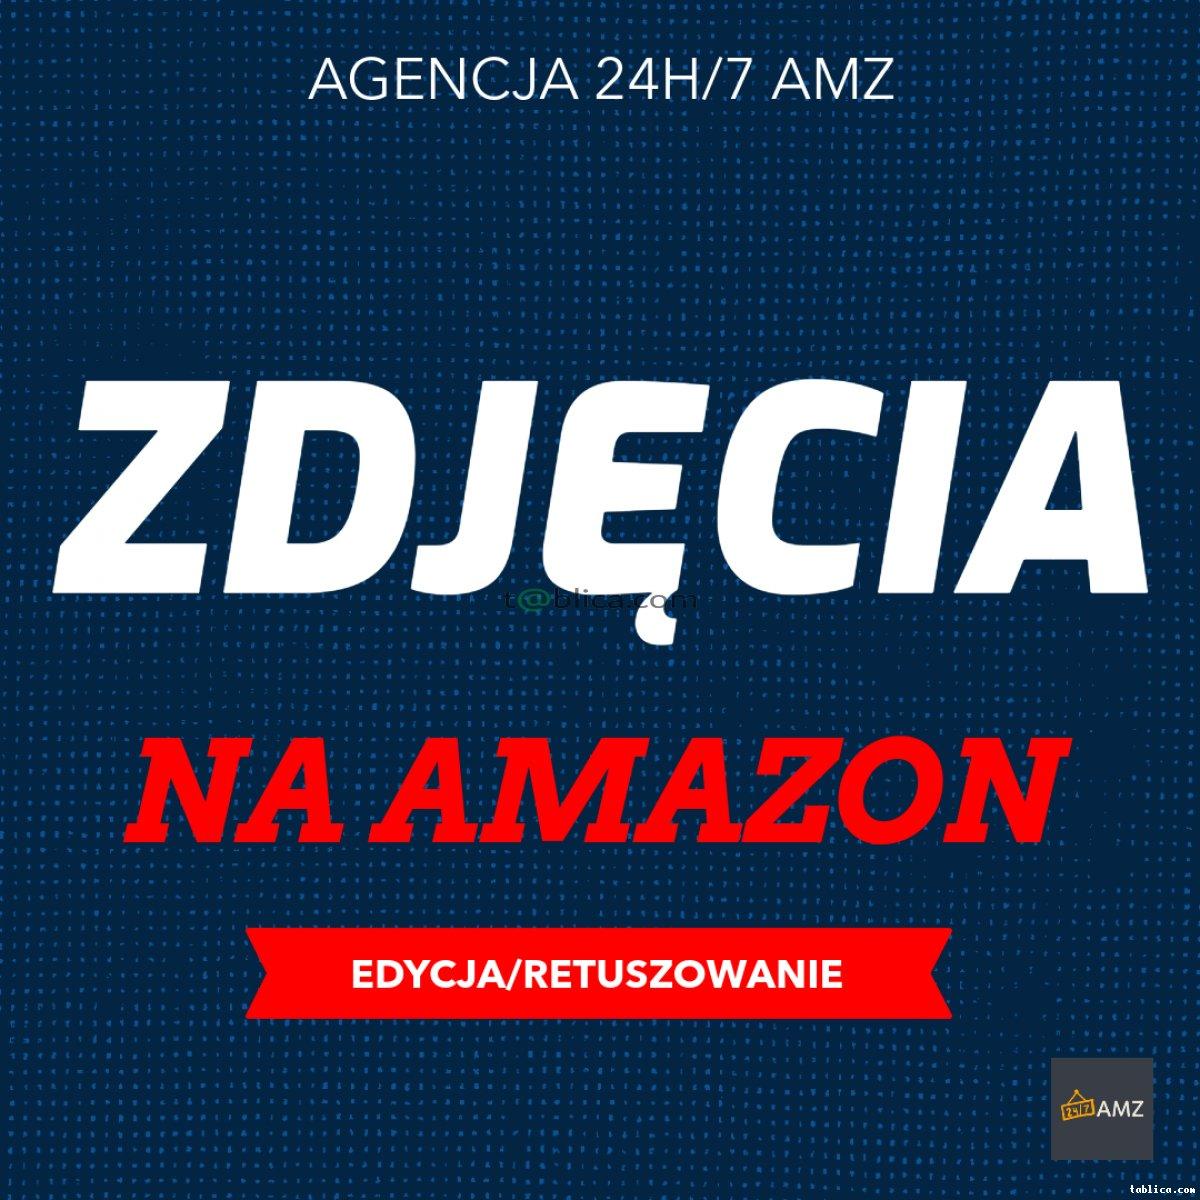 WSPARCIE W SPRZEDAŻY NA AMAZON